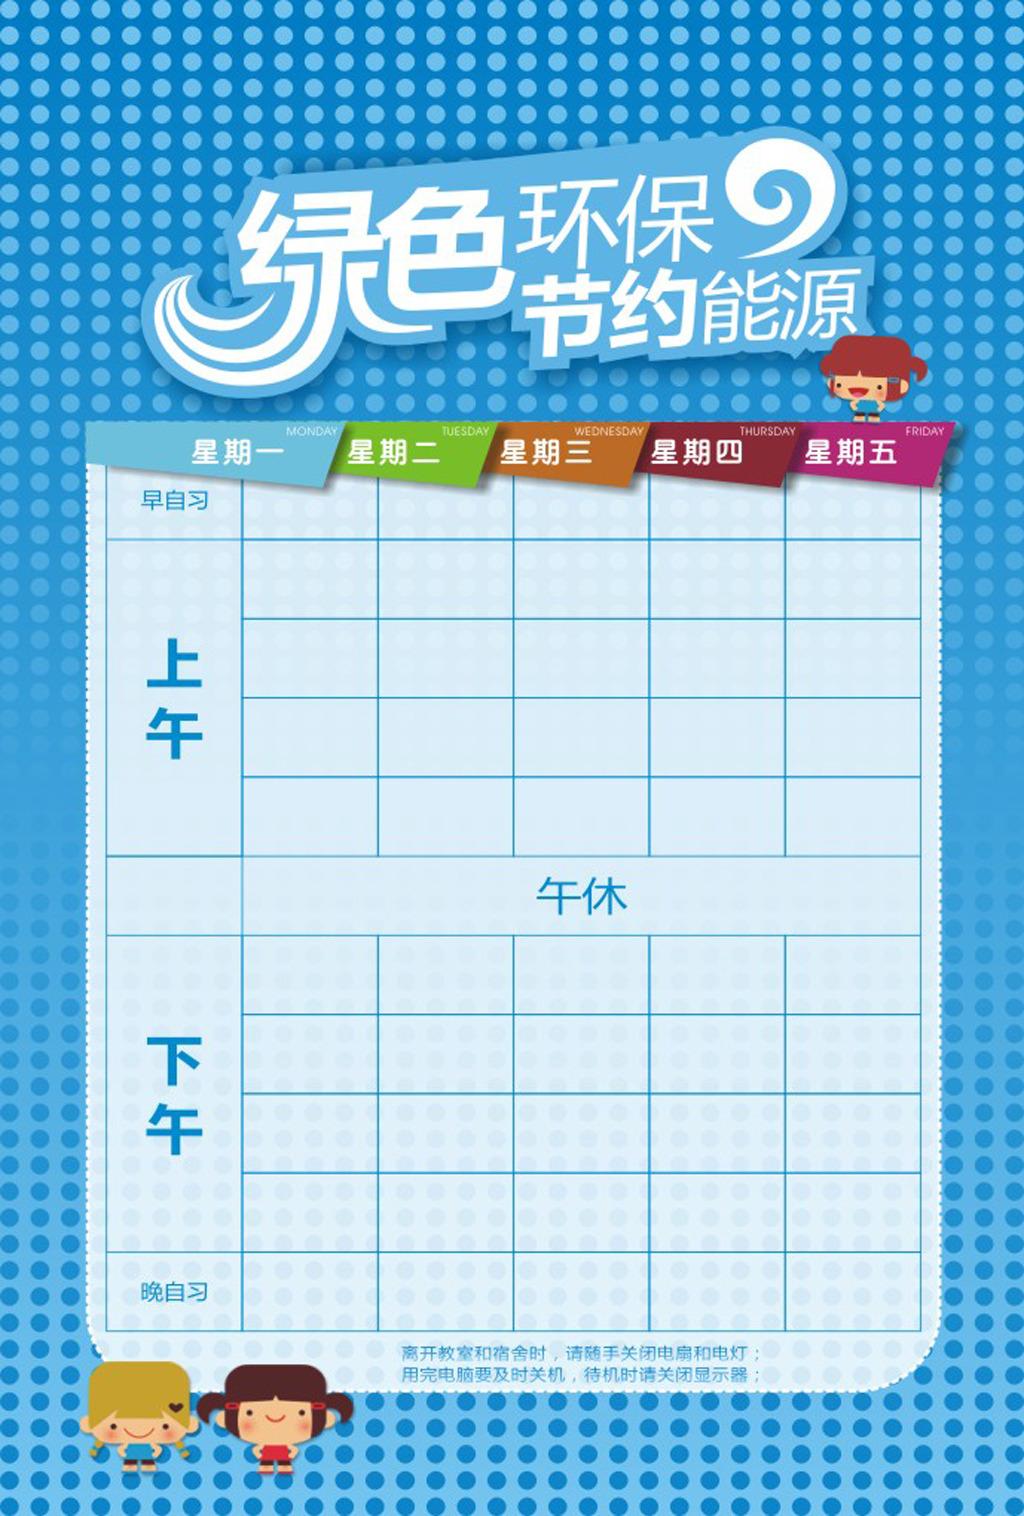 小学生幼儿园课程表模板设计